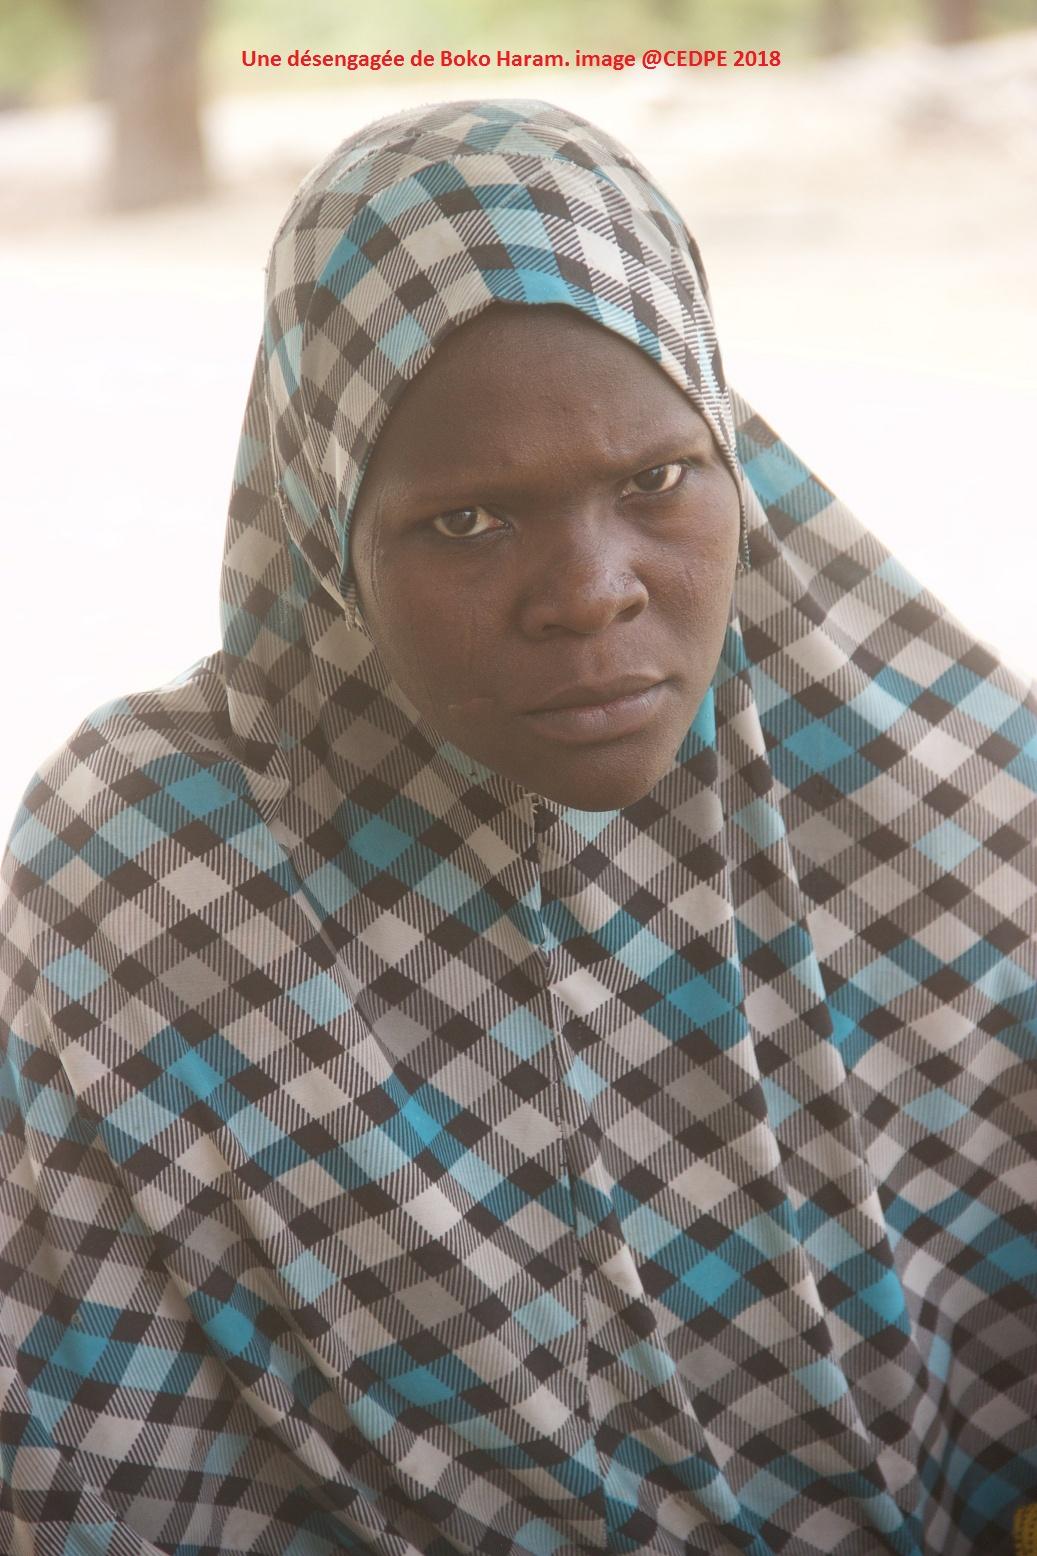 عدد المجندين في حركة بوكو حرام ١٤٥٢٠  في سنة ٢٠١٦، لينخفض الي ١٢٣٢٠ في ٢٠١٨، هذا يعني ان 2200 شخص قد عادو